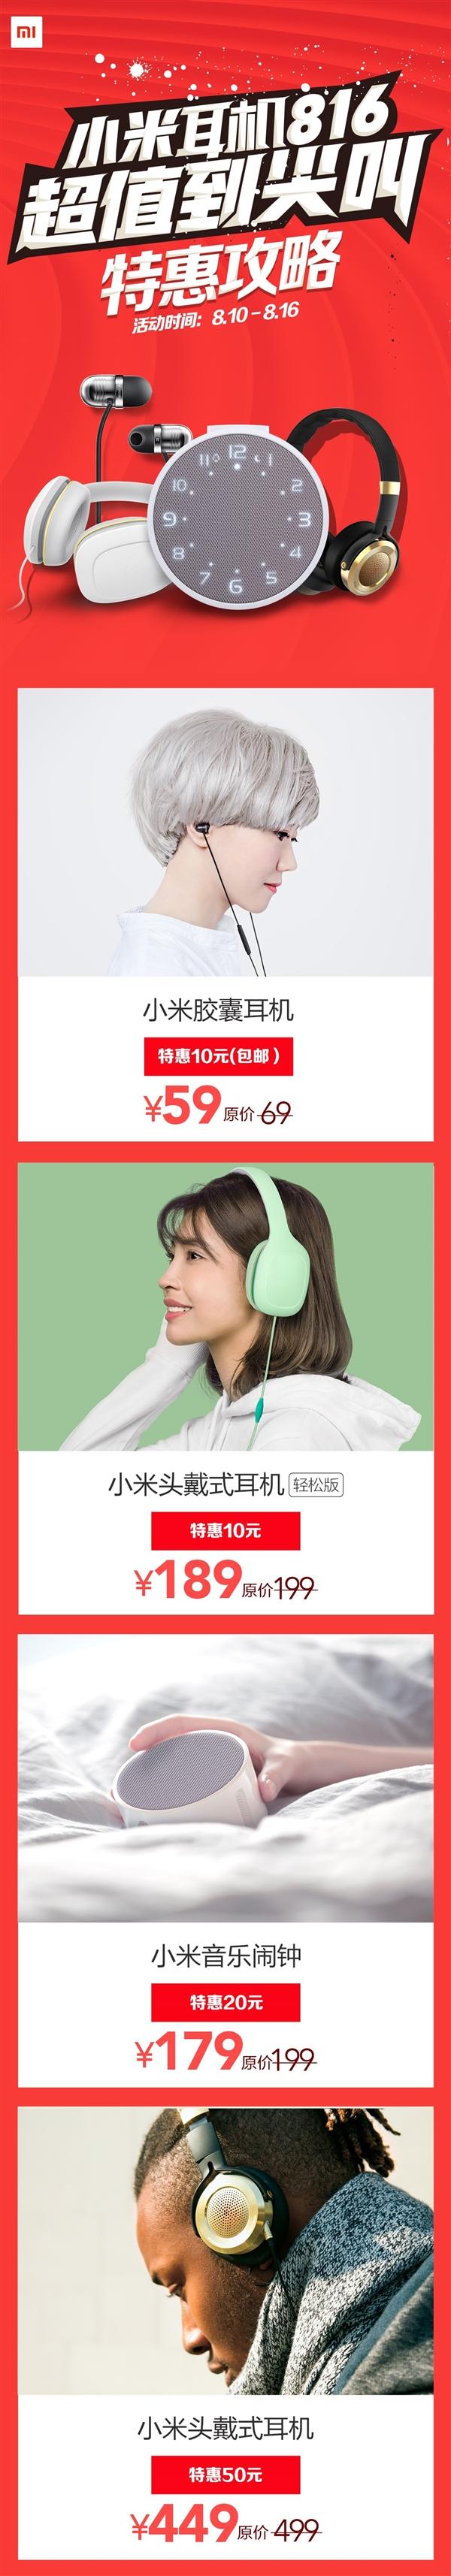 小米耳机816大促:全系降价销售